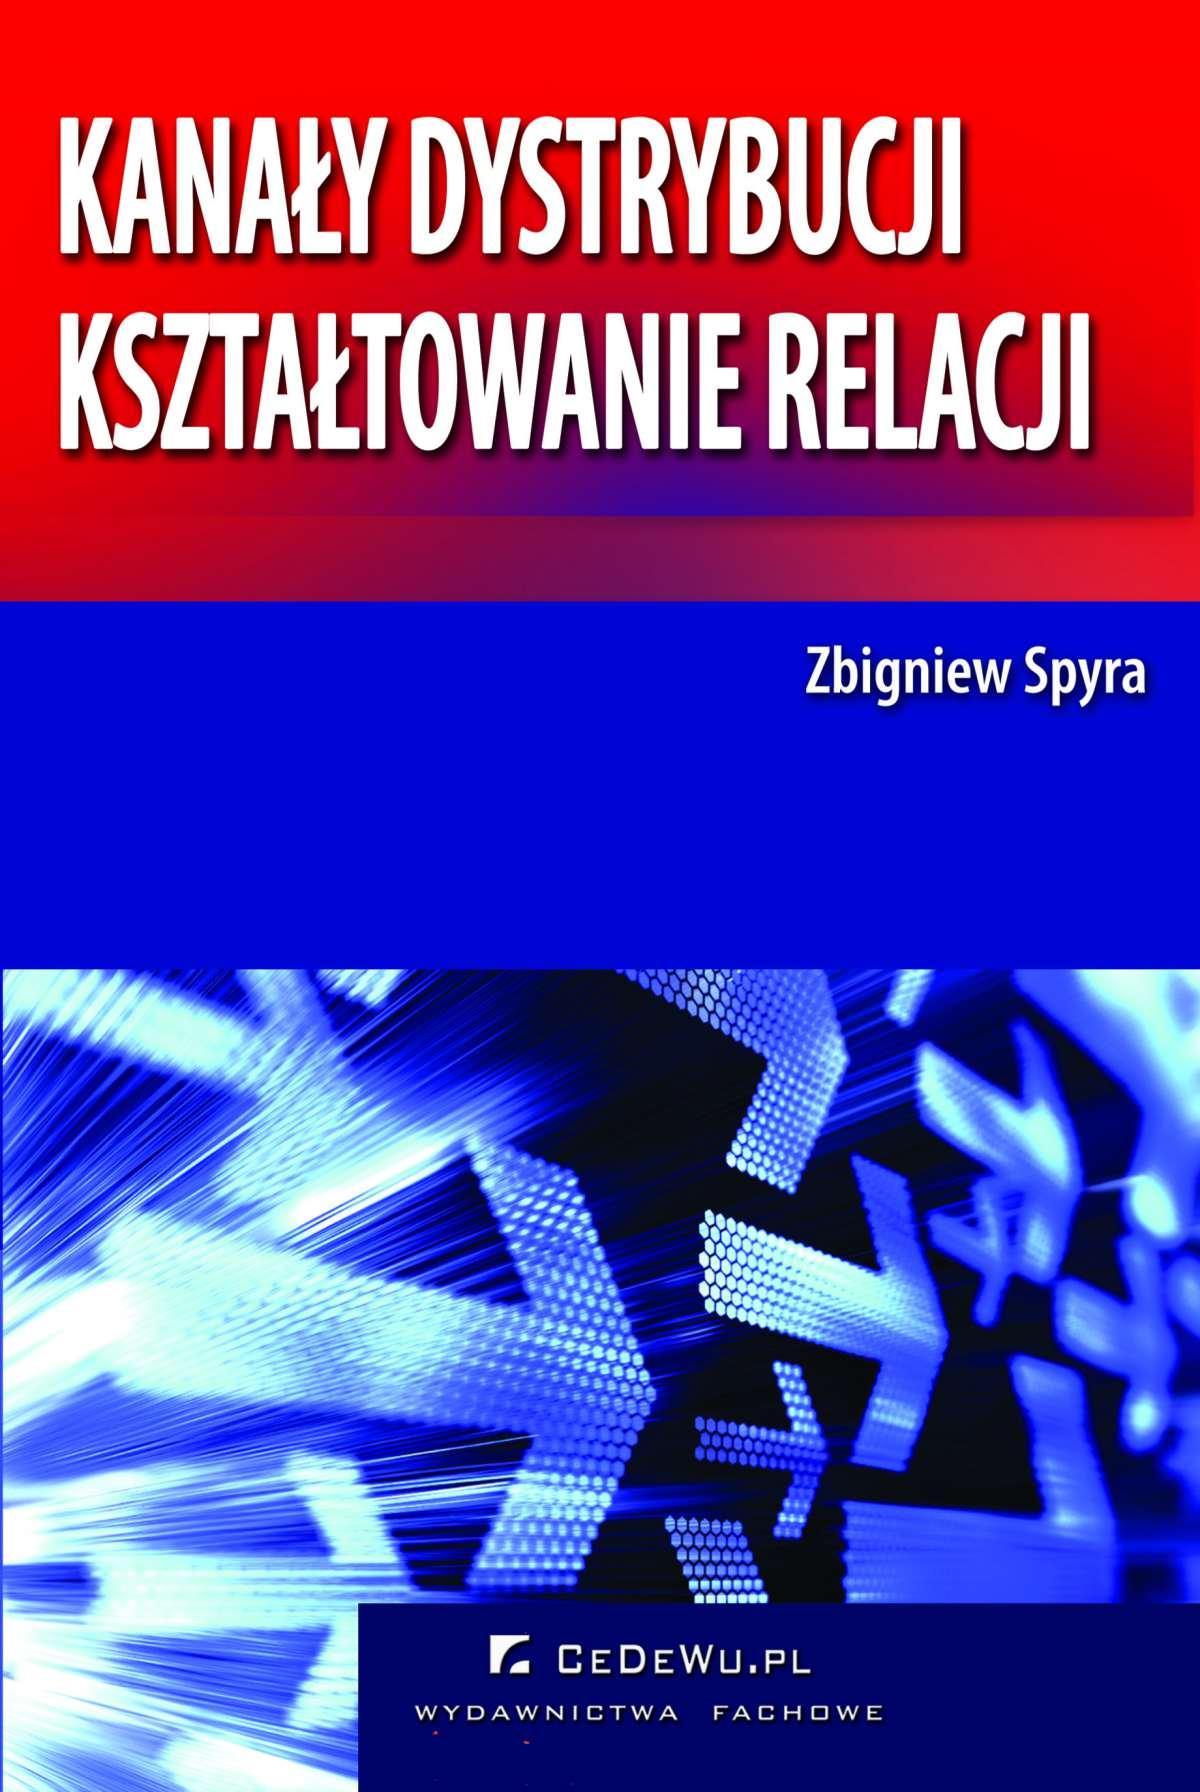 Kanały dystrybucji – kształtowanie relacji (wyd. II) - Ebook (Książka PDF) do pobrania w formacie PDF